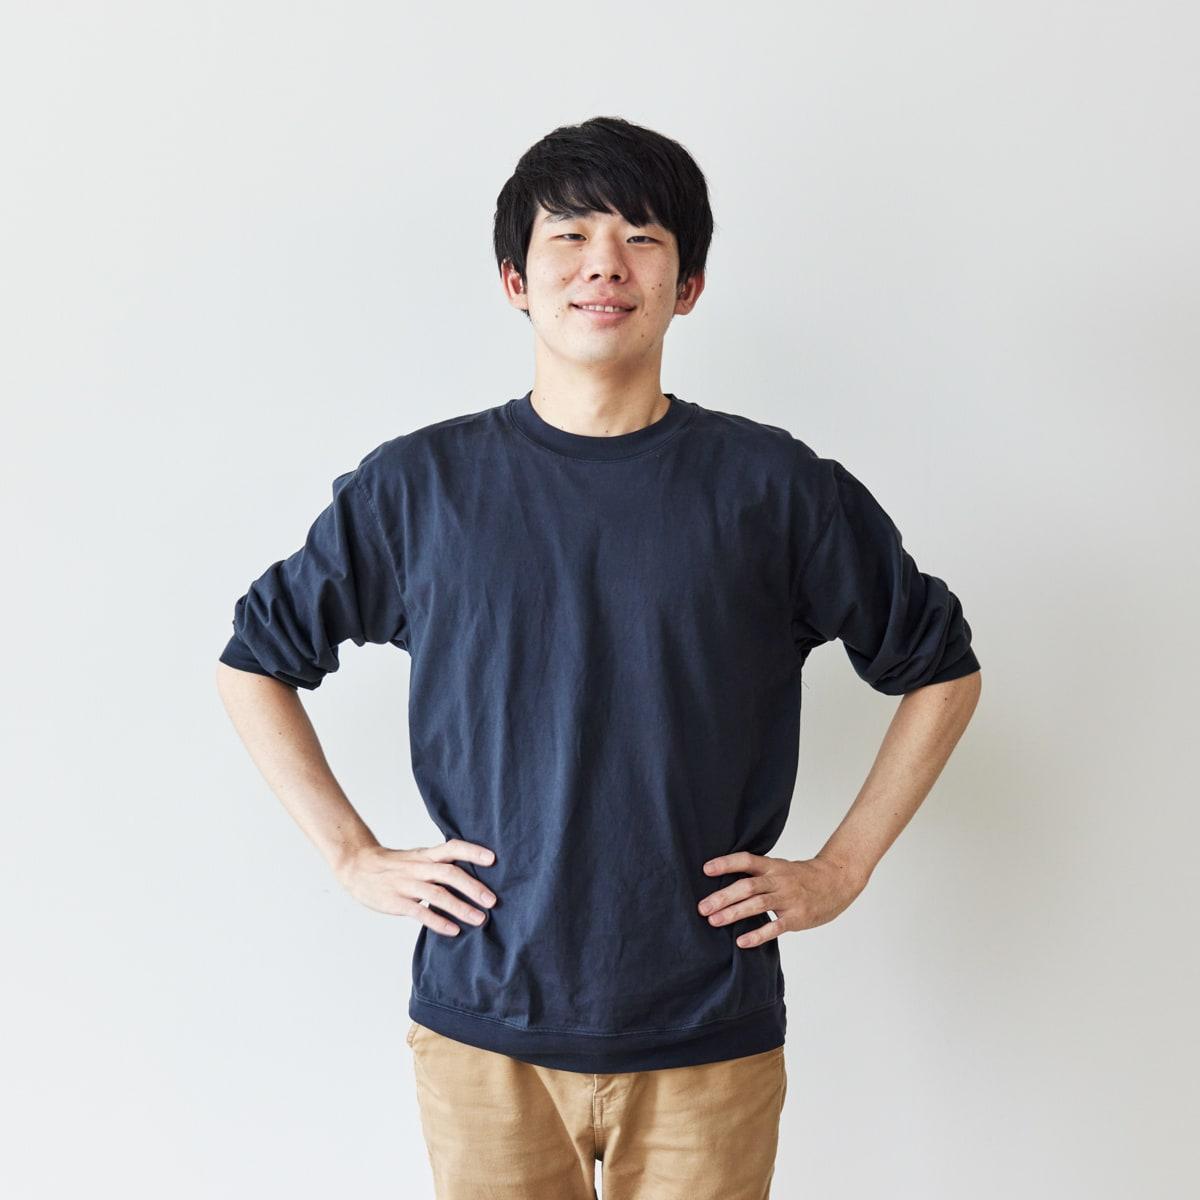 Kenta Oguchi